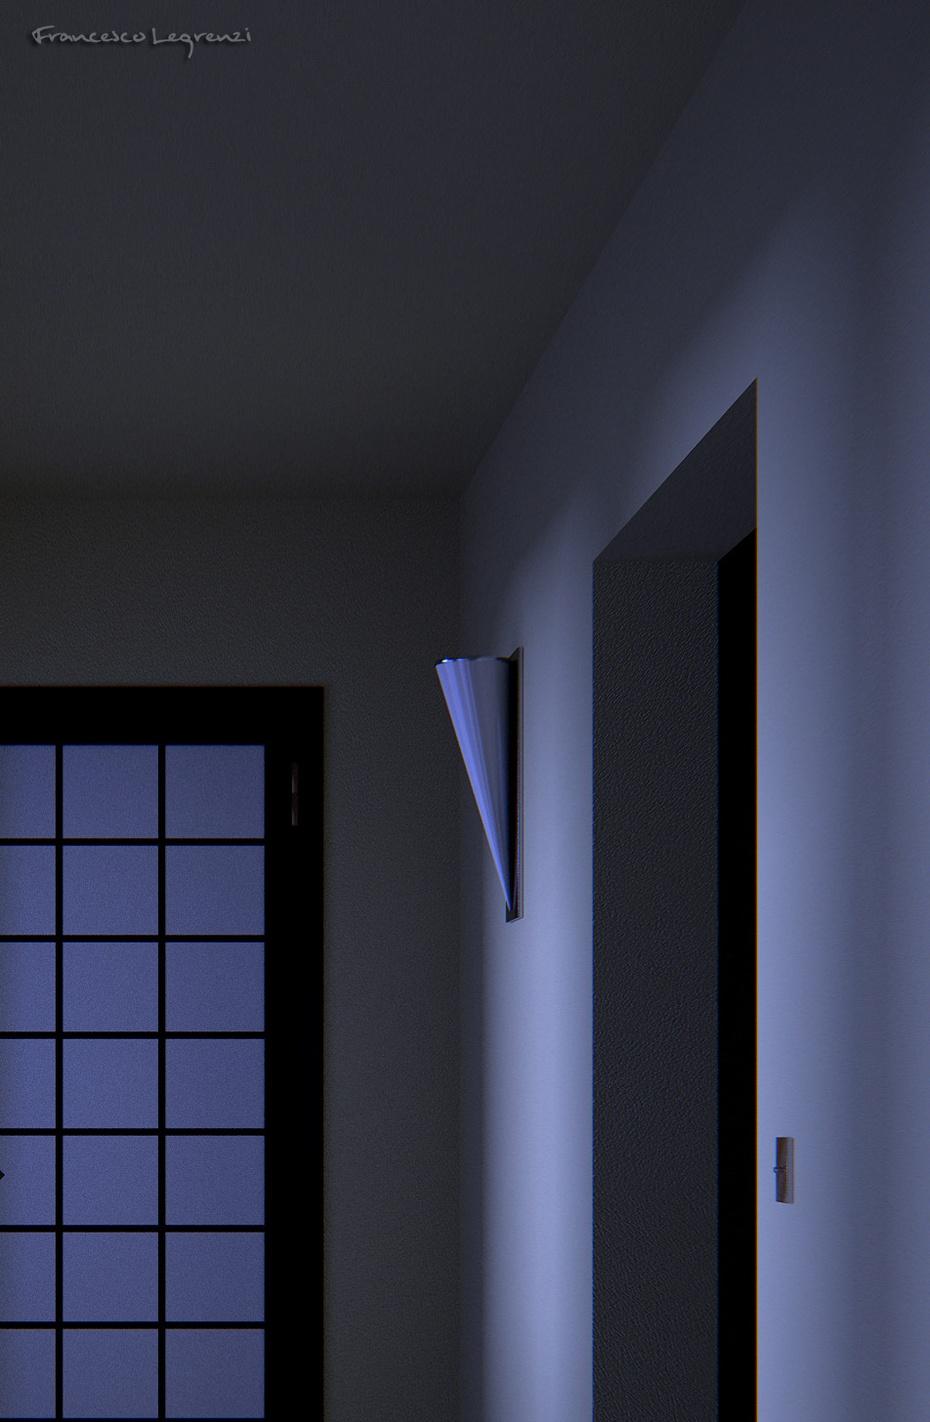 Passage_Light_Night.jpg